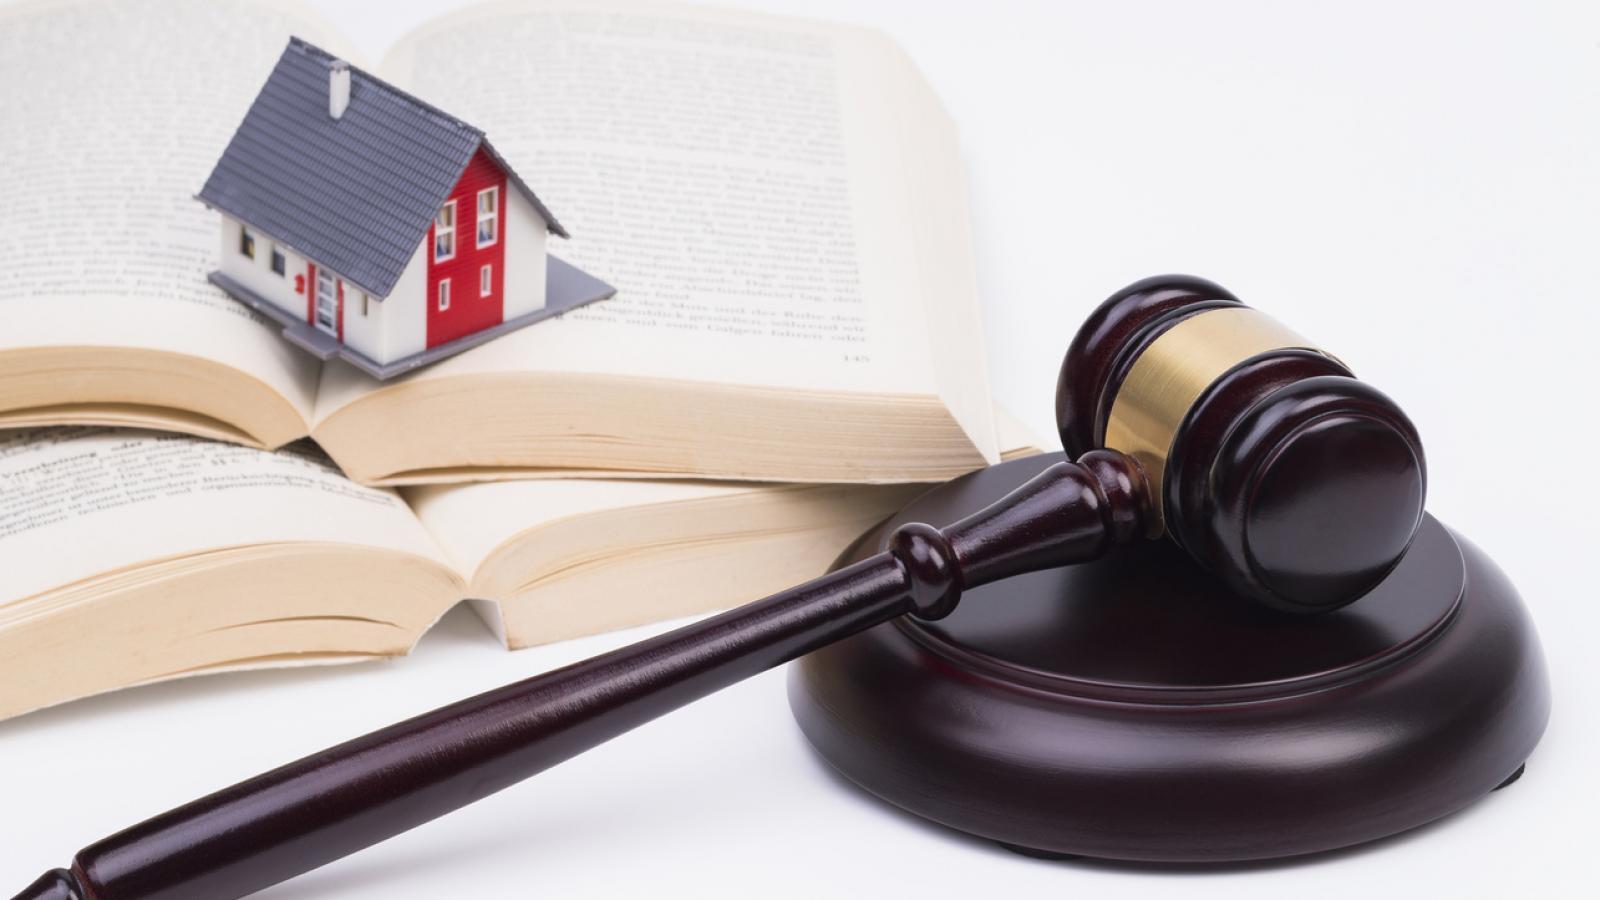 Минстрой хочет запретить узаконивать самовольные постройки и ввести досудебный порядок их сноса